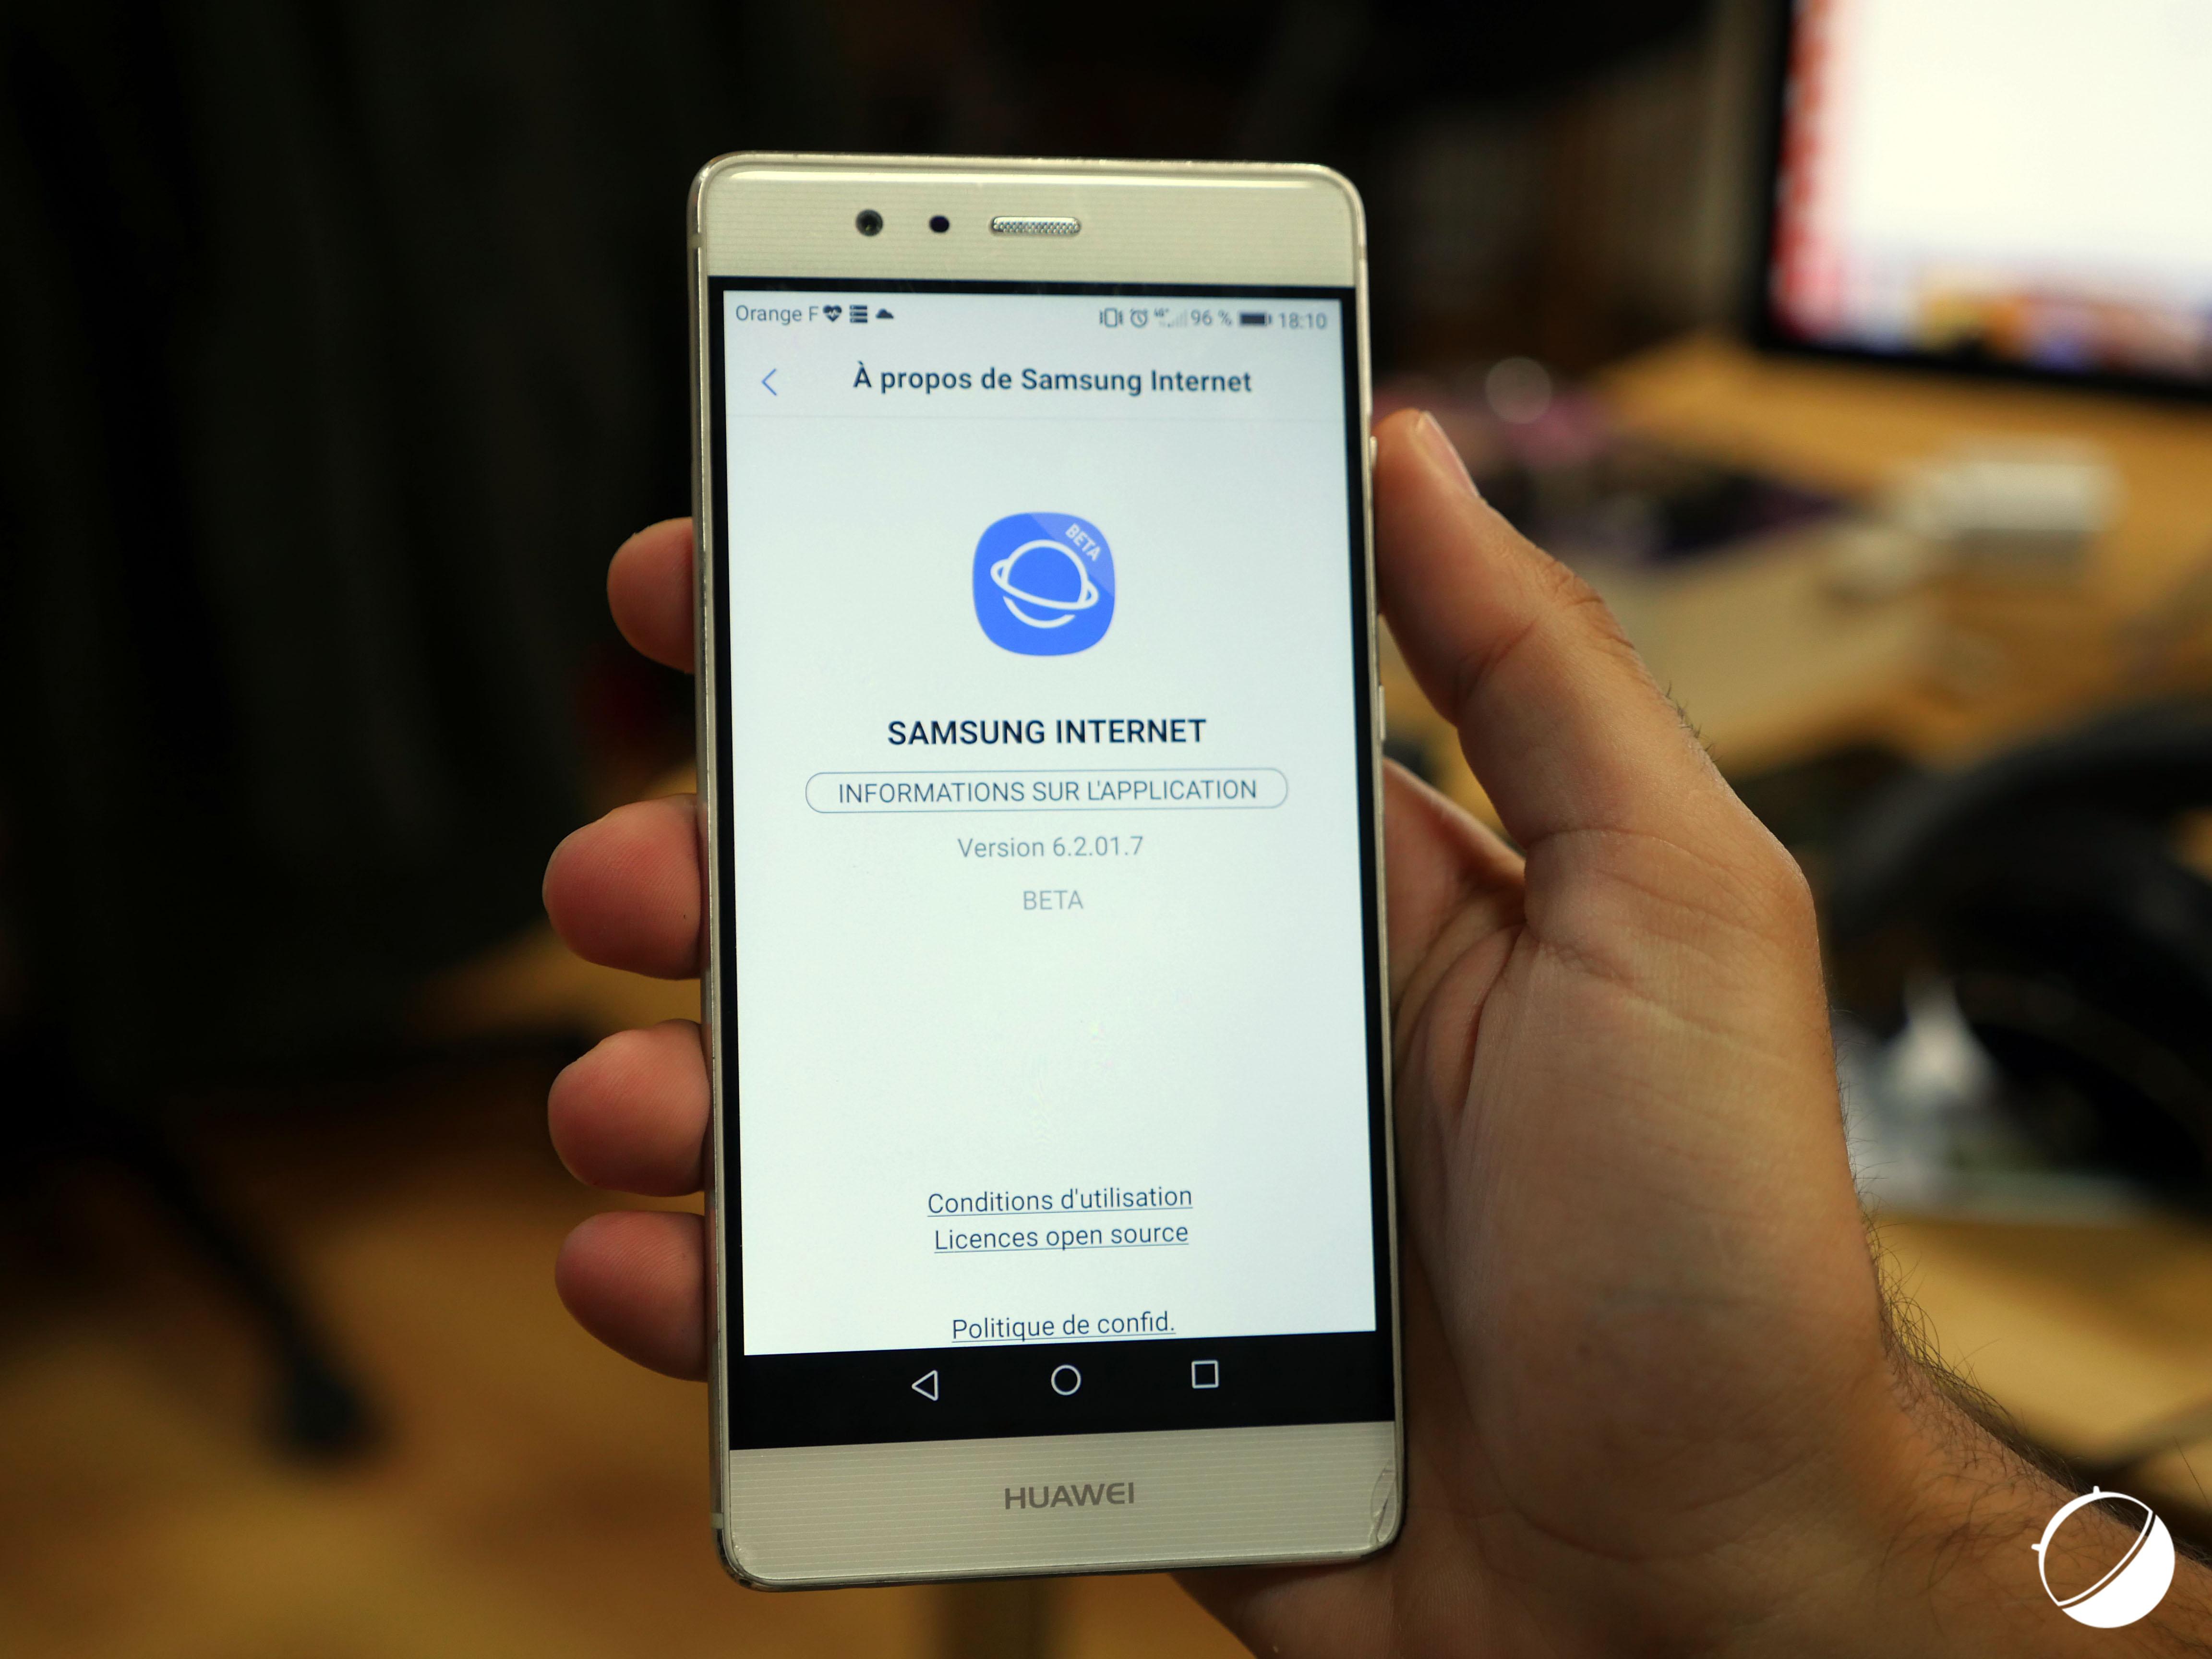 Samsung Internet La Nouvelle Version Est Une Belle Alternative A